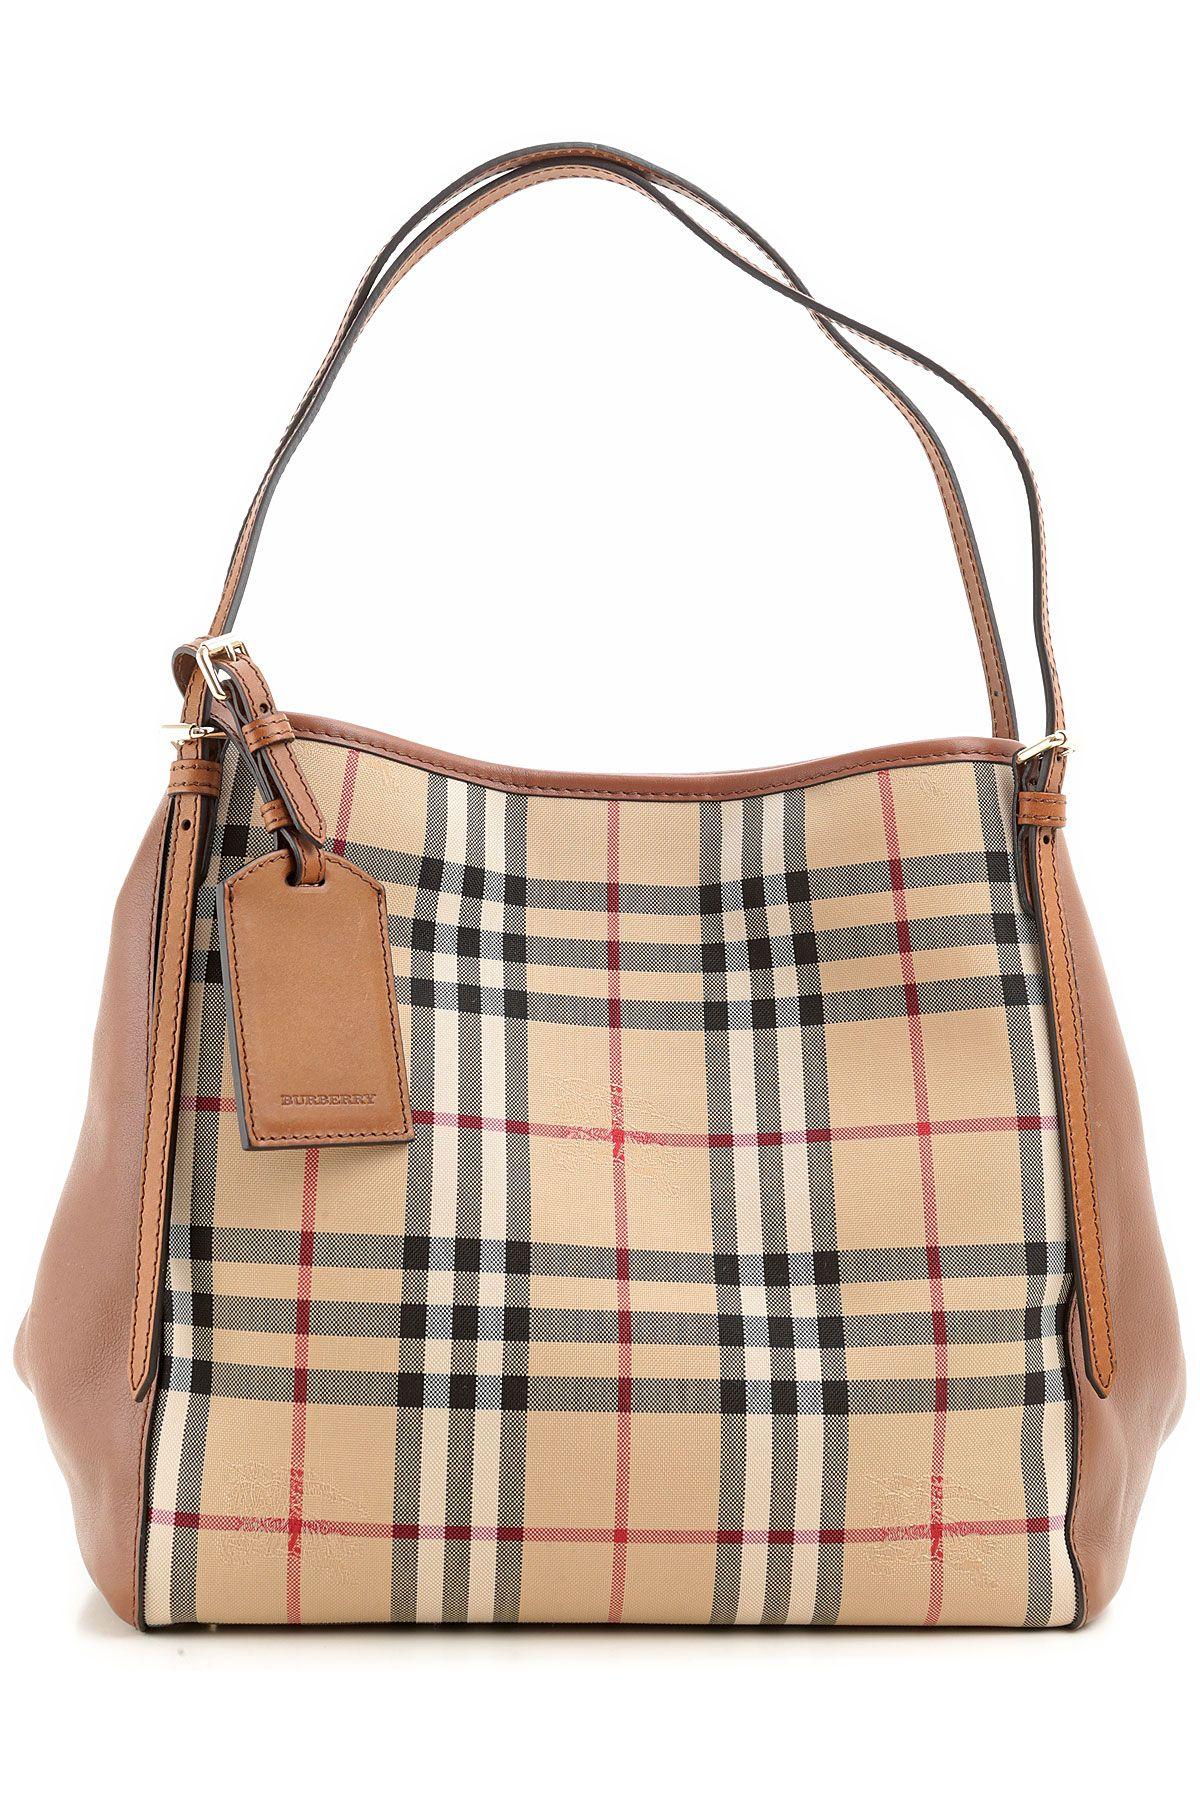 98bbb9a1d339 Burberry de luxe sacs à main pas cher 318502, burberry outlet de marque